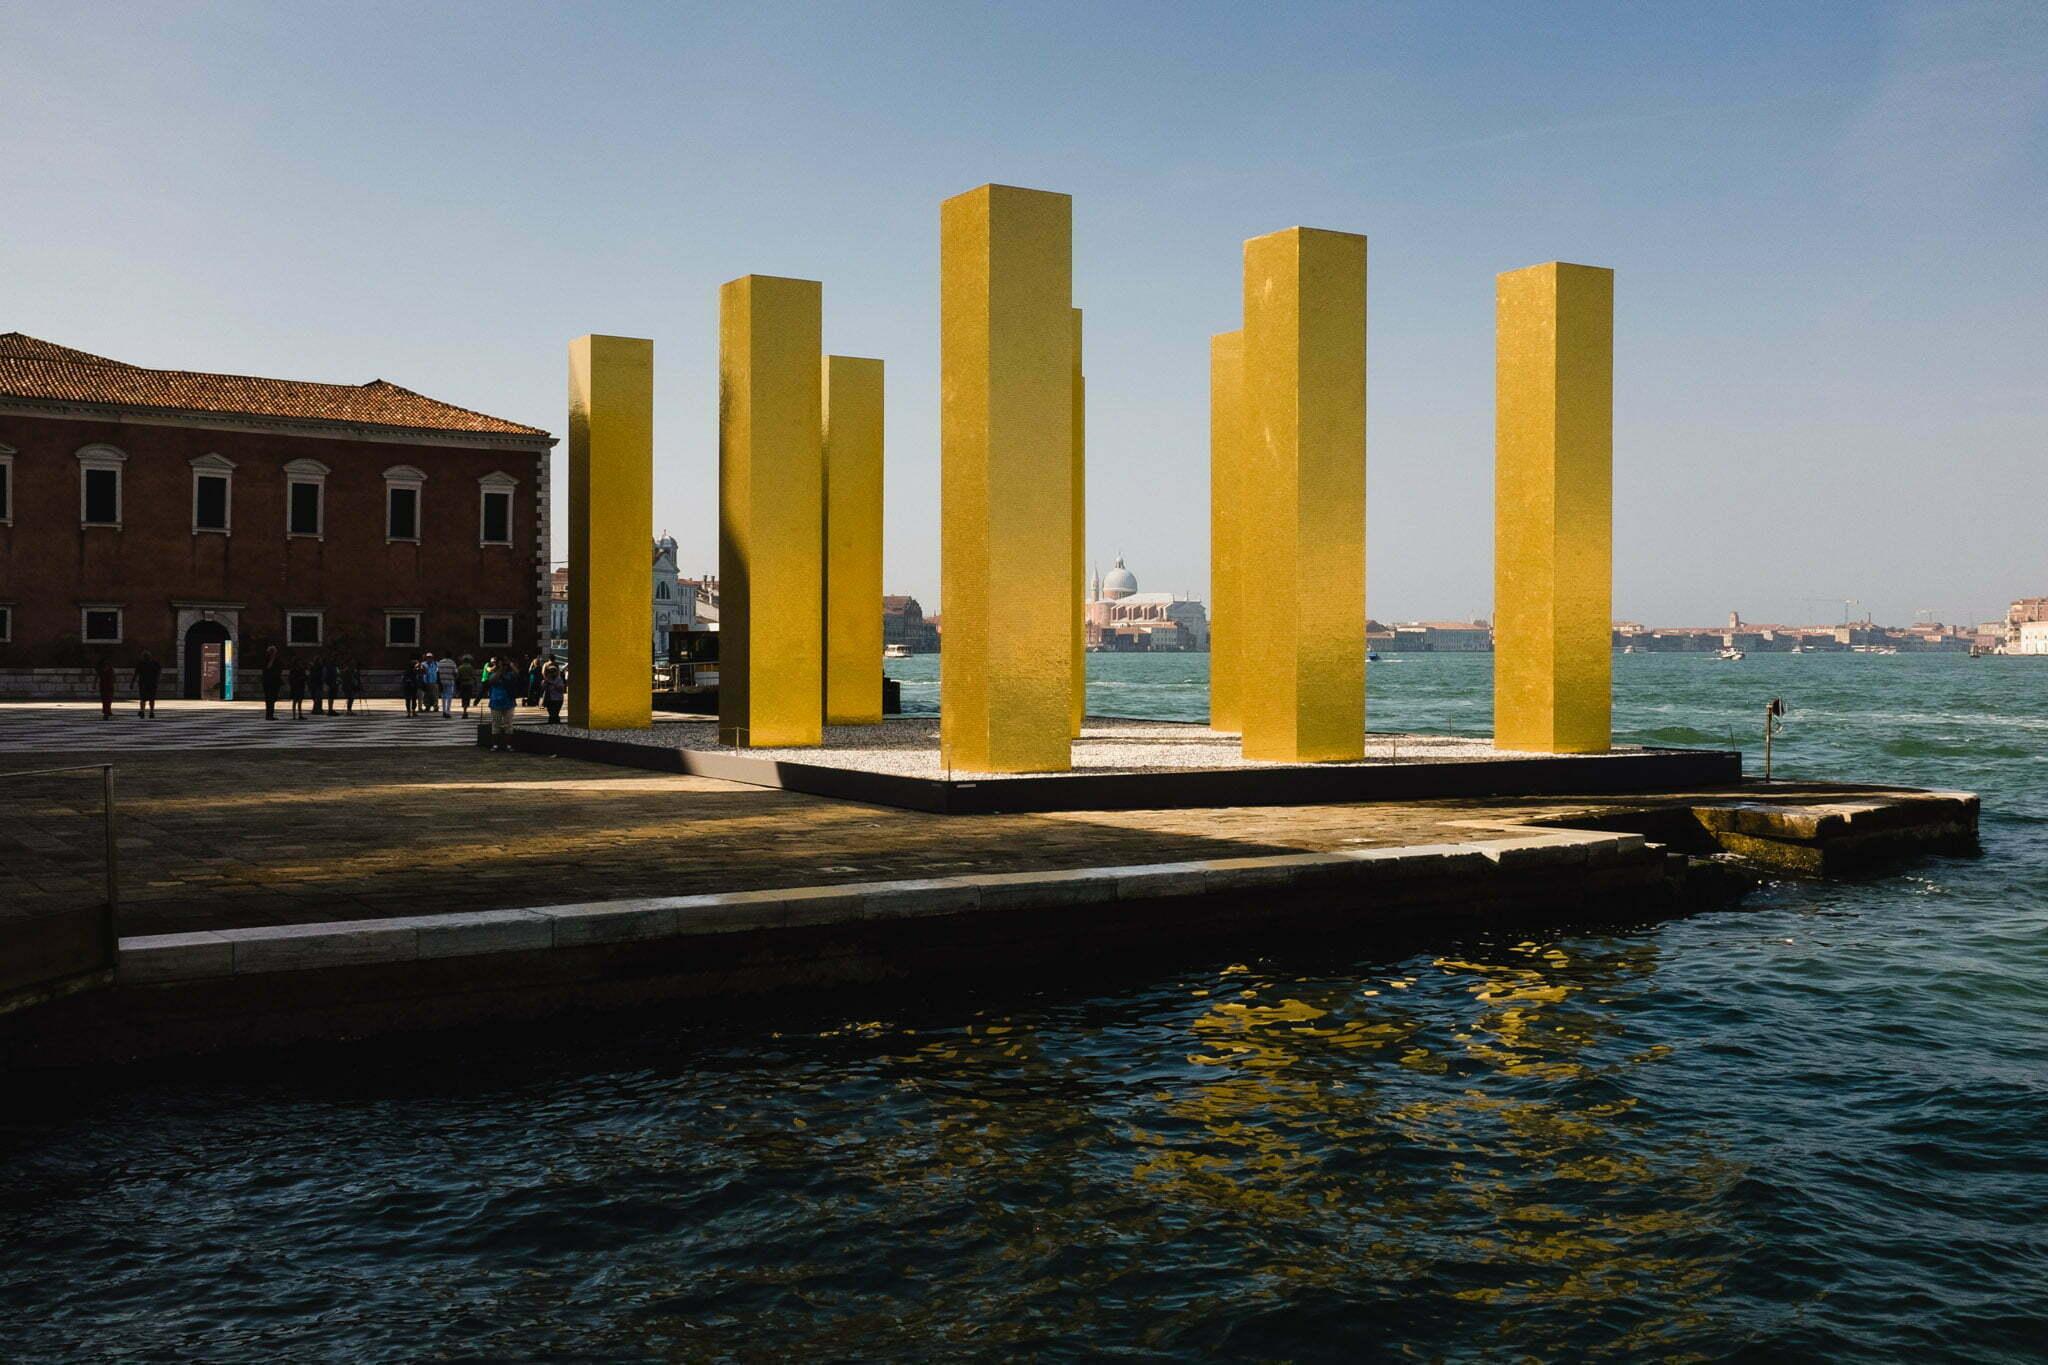 venice-architecture-biennale-2014-golden-columns-7772